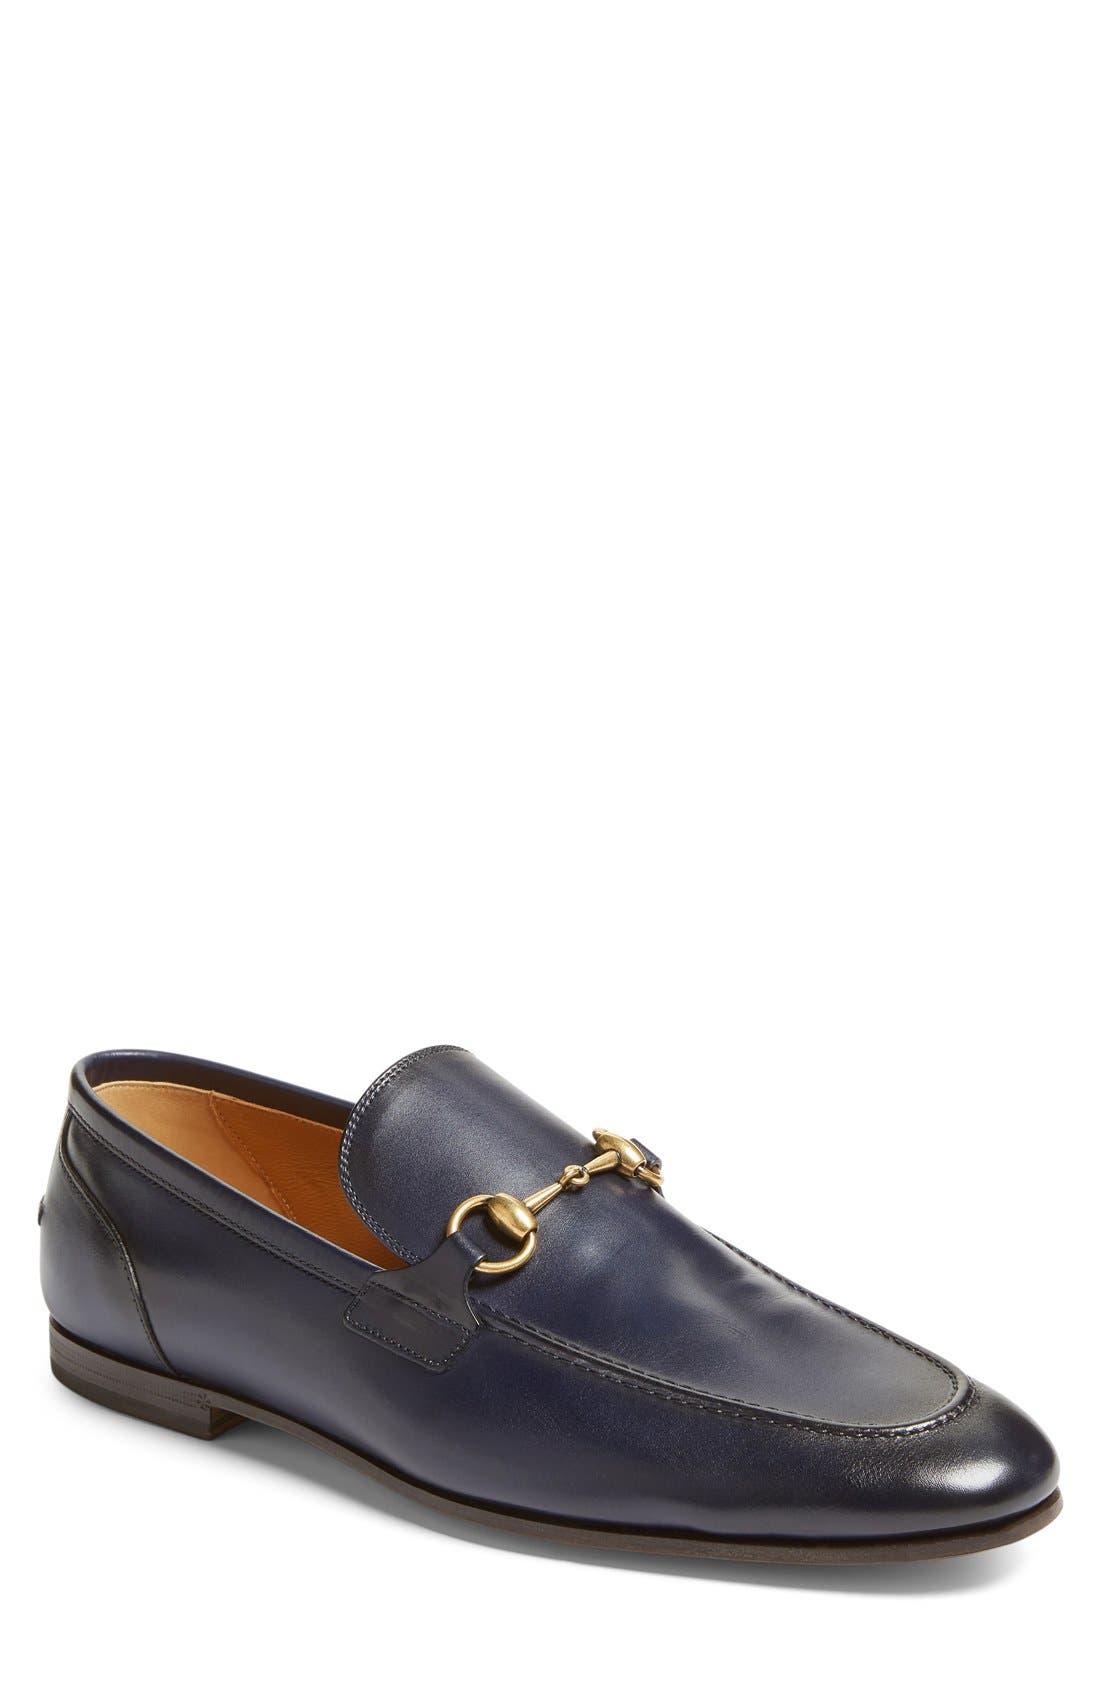 Alternate Image 1 Selected - Gucci Jordaan Bit Loafer (Men)